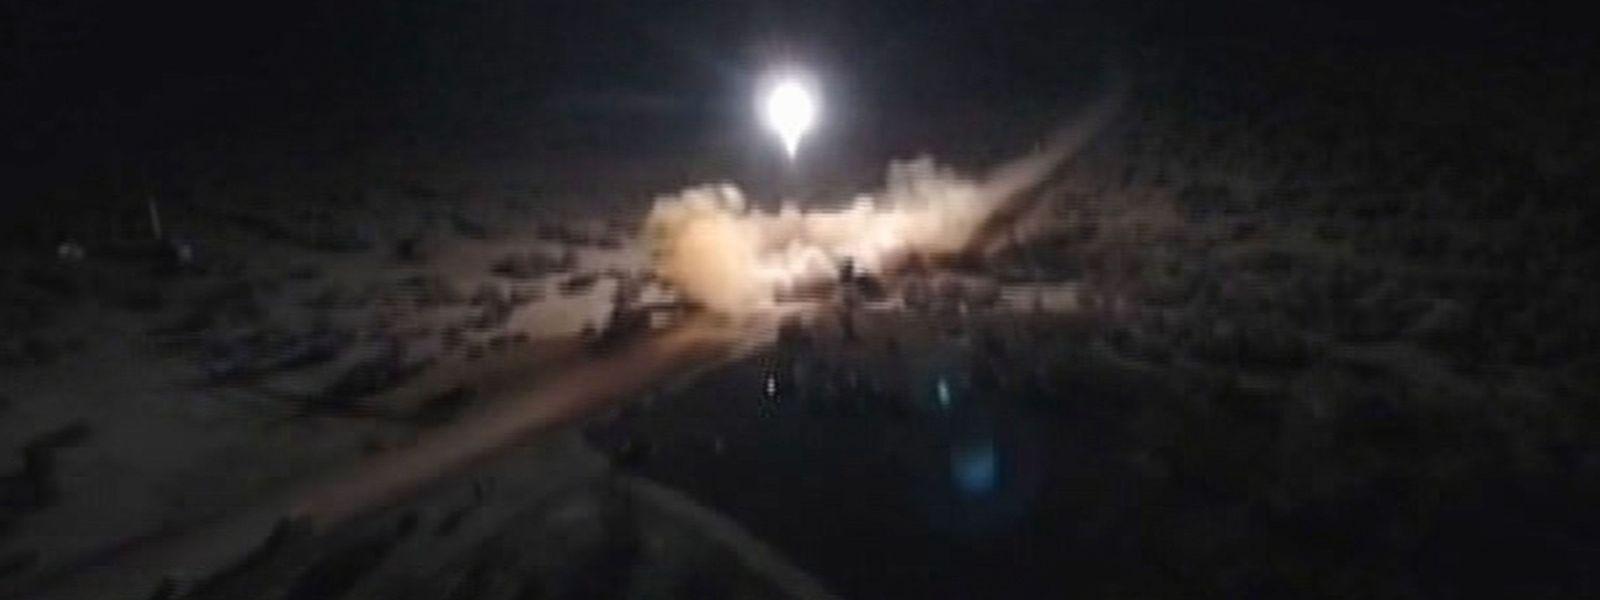 Der Iran veröffentlichte Bilder des Raketenabschusses.